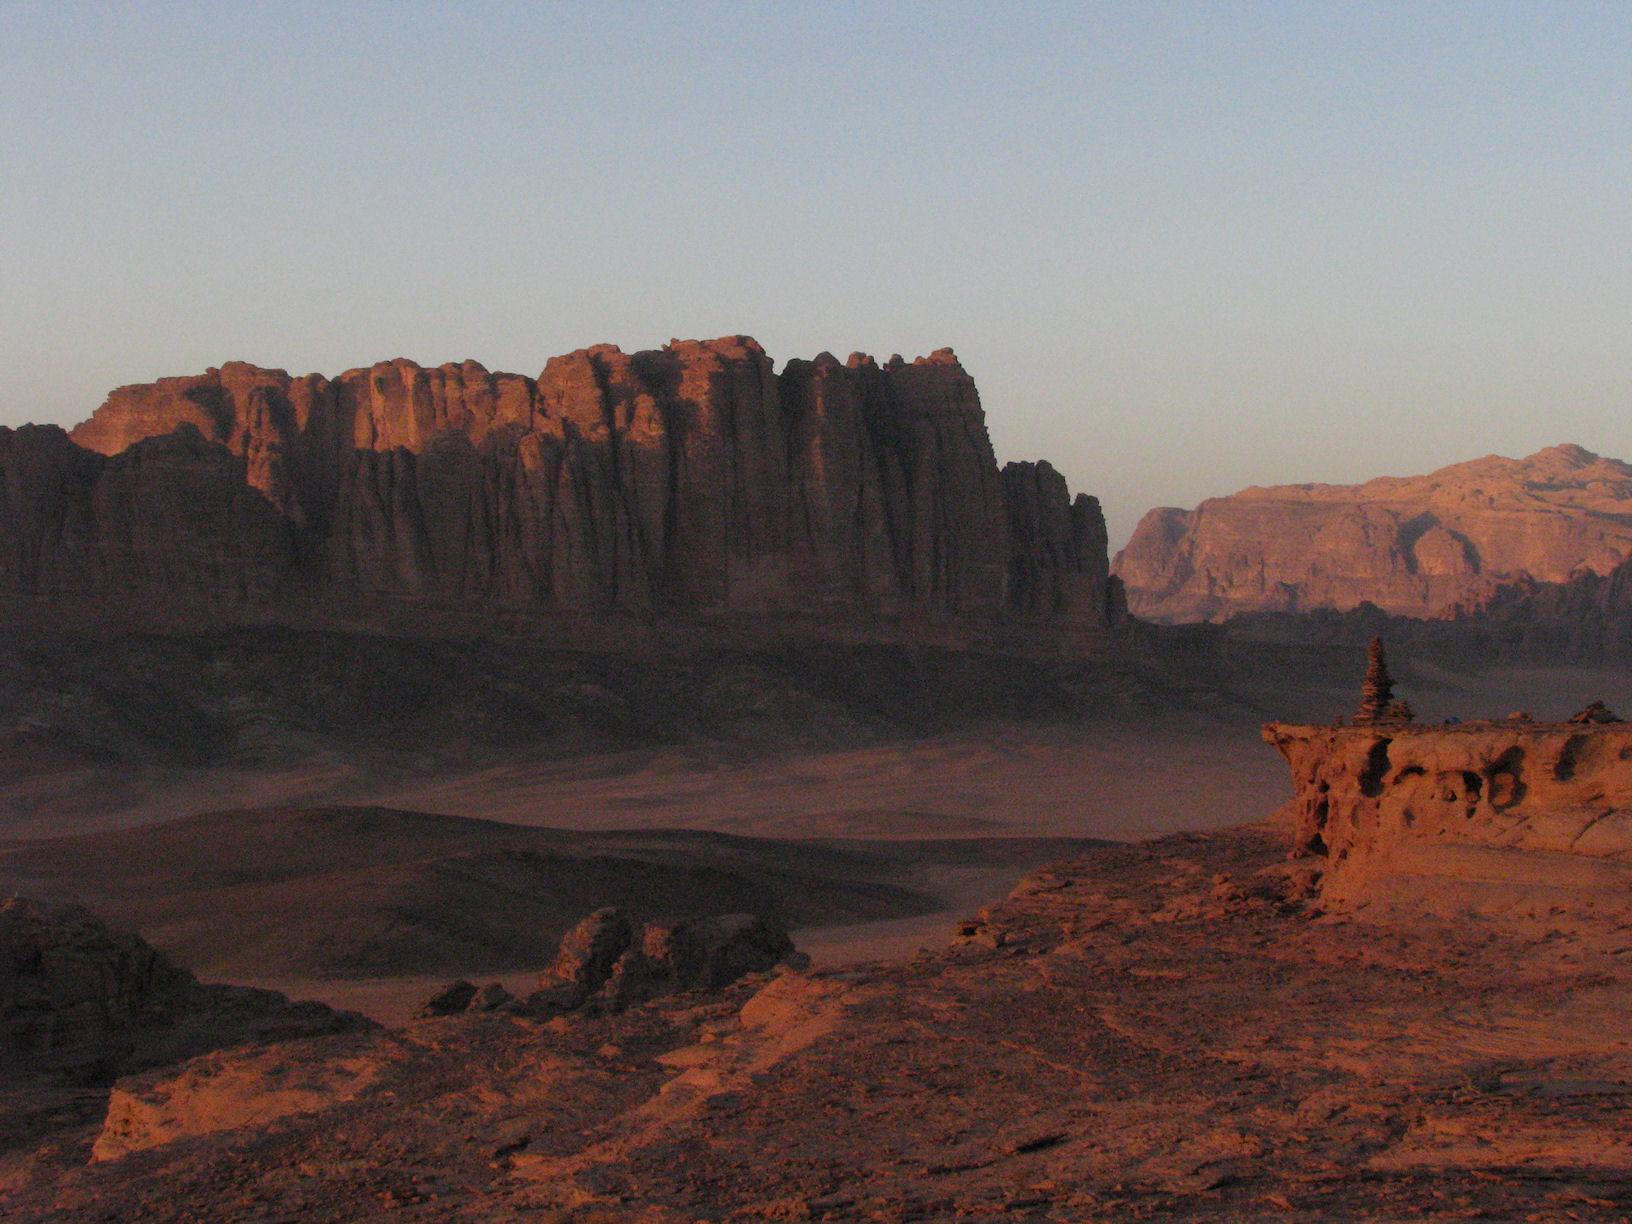 El Qattar, Wadi Rum